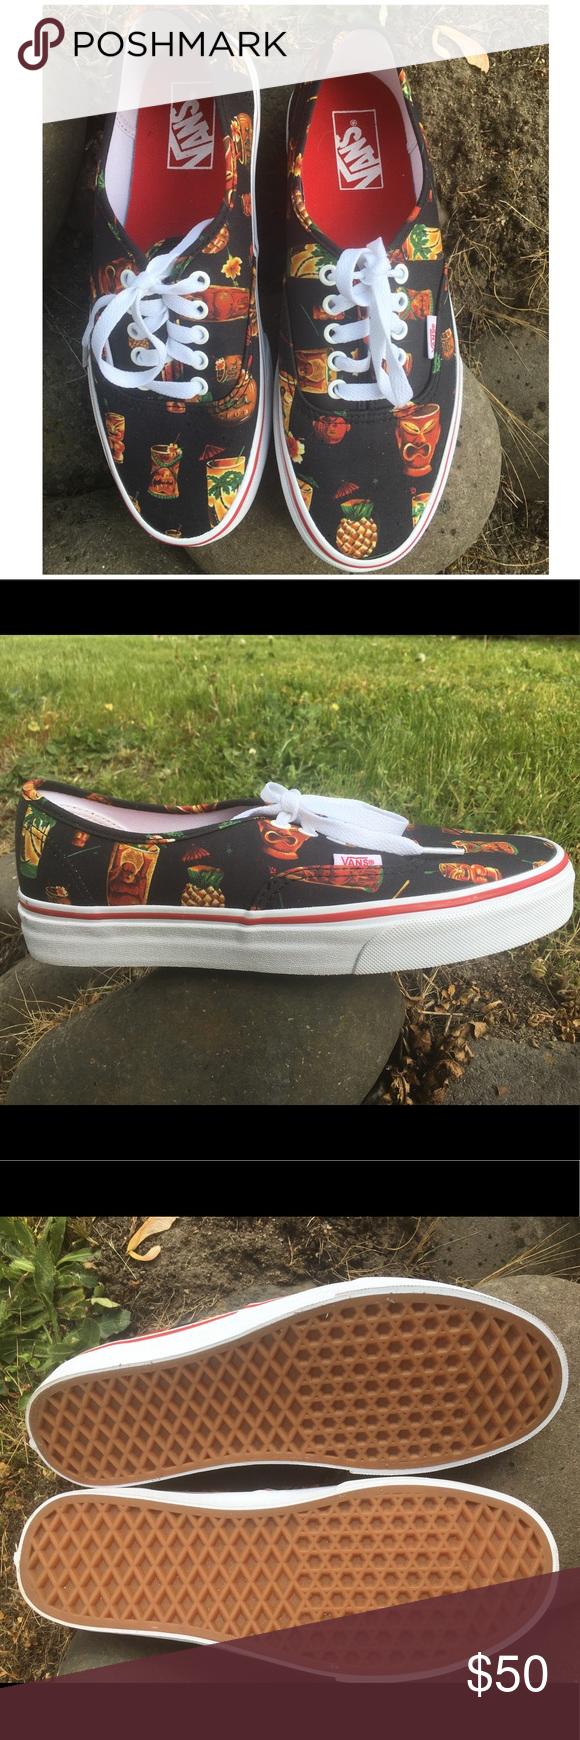 8b1813d8dd VANS Unisex Hoffman Skate Shoes - Size  W9 M7.5